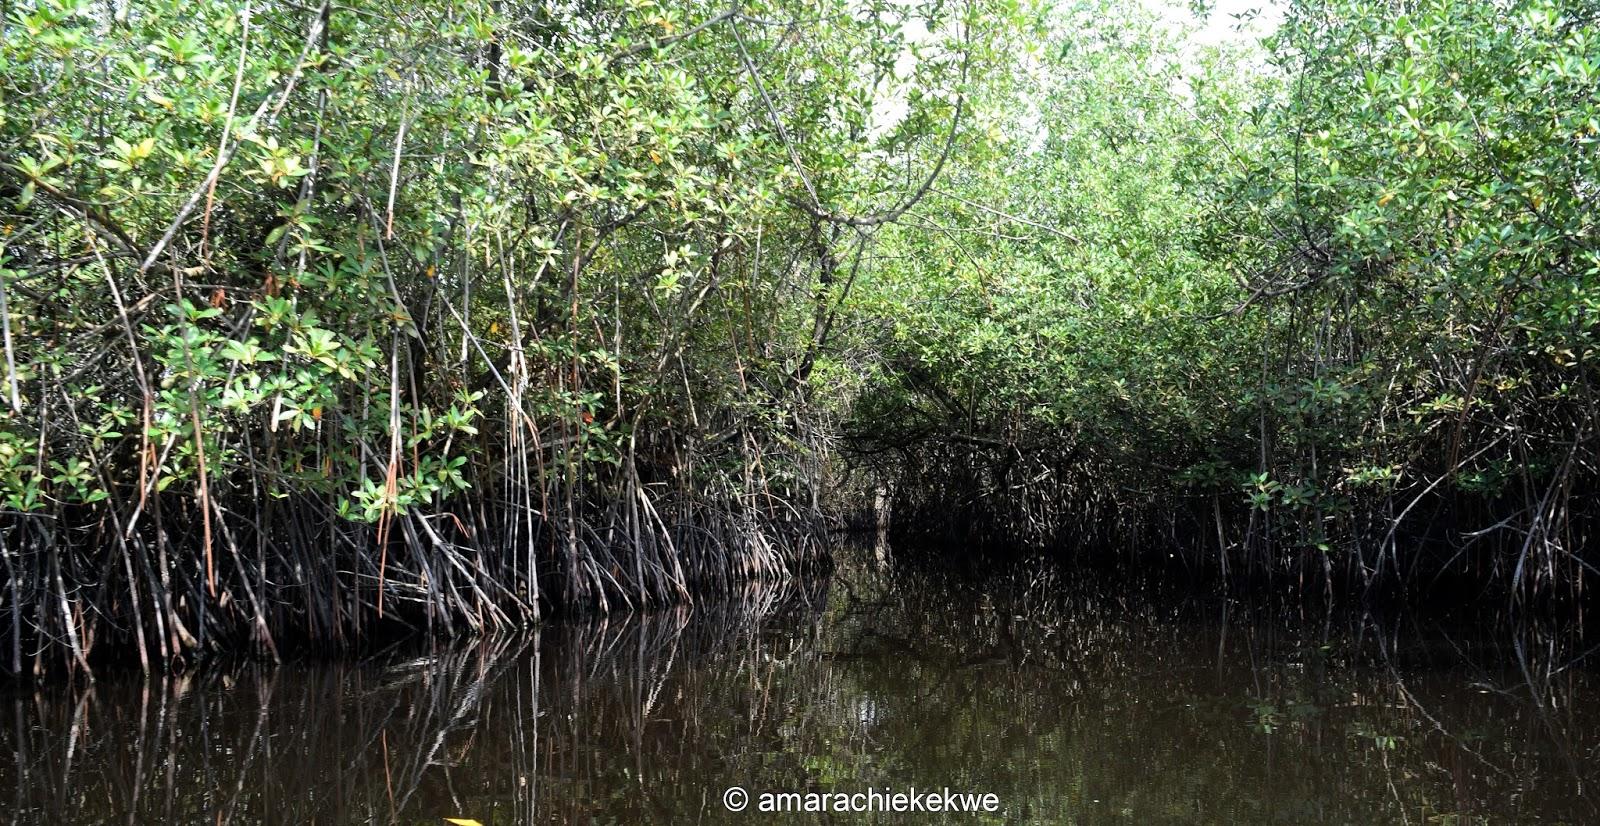 https://i2.wp.com/2.bp.blogspot.com/-Tw8SI6lkz8c/WDQkDr85p9I/AAAAAAAAWqg/q5o7AvkKxXgWU79i1KU5E3lpERHEUa2rQCLcB/s1600/mangrove.jpg?resize=750%2C387&ssl=1